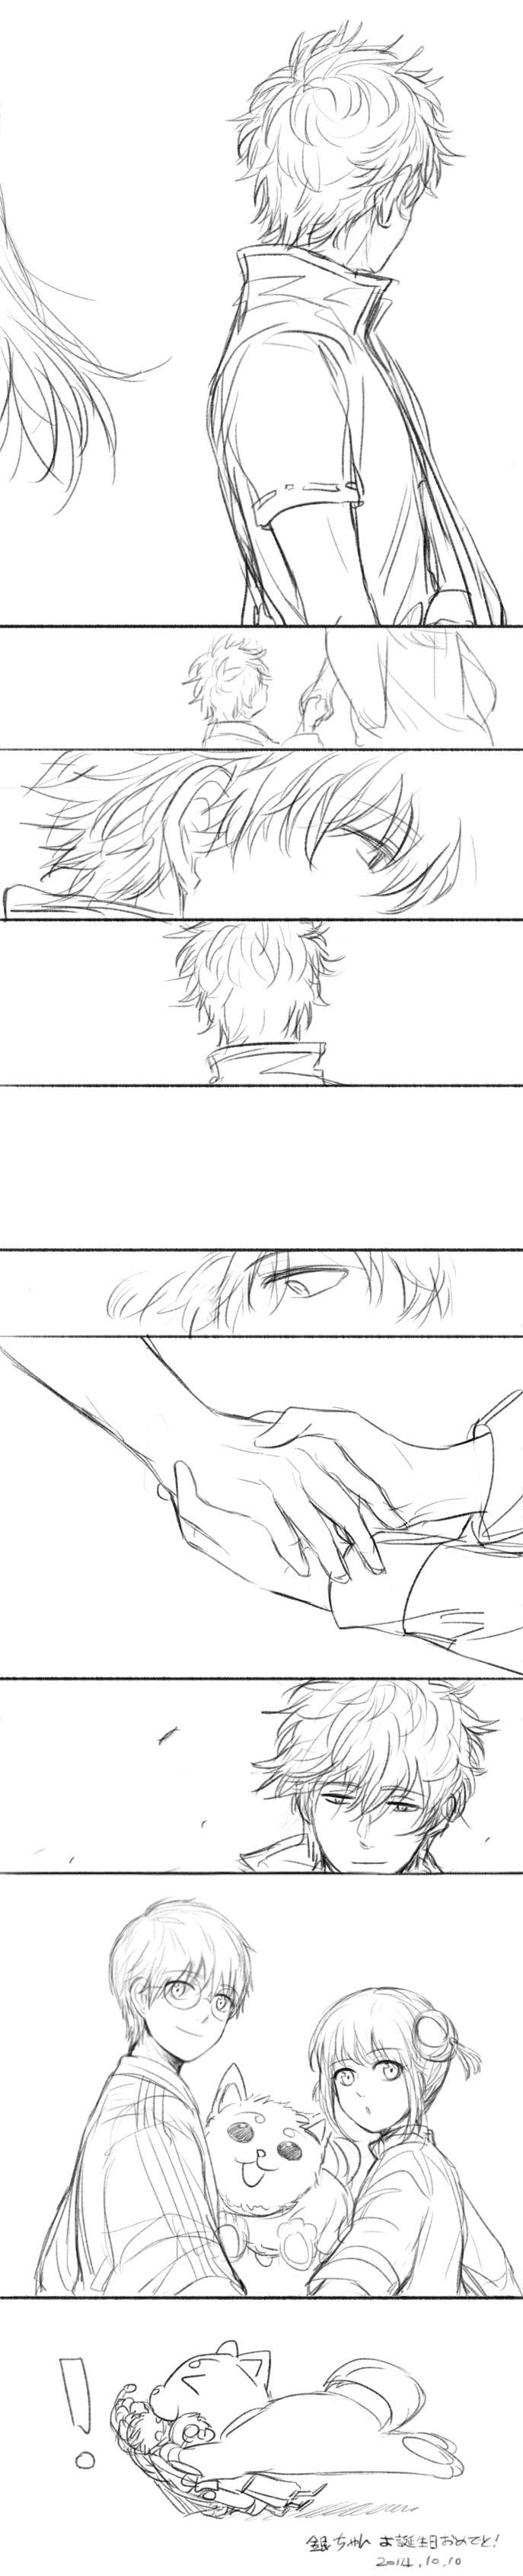 Anime: Gintama Personagens: Sakata Gintoki, Shimura Shinpachi, Kagura e Sadaharu